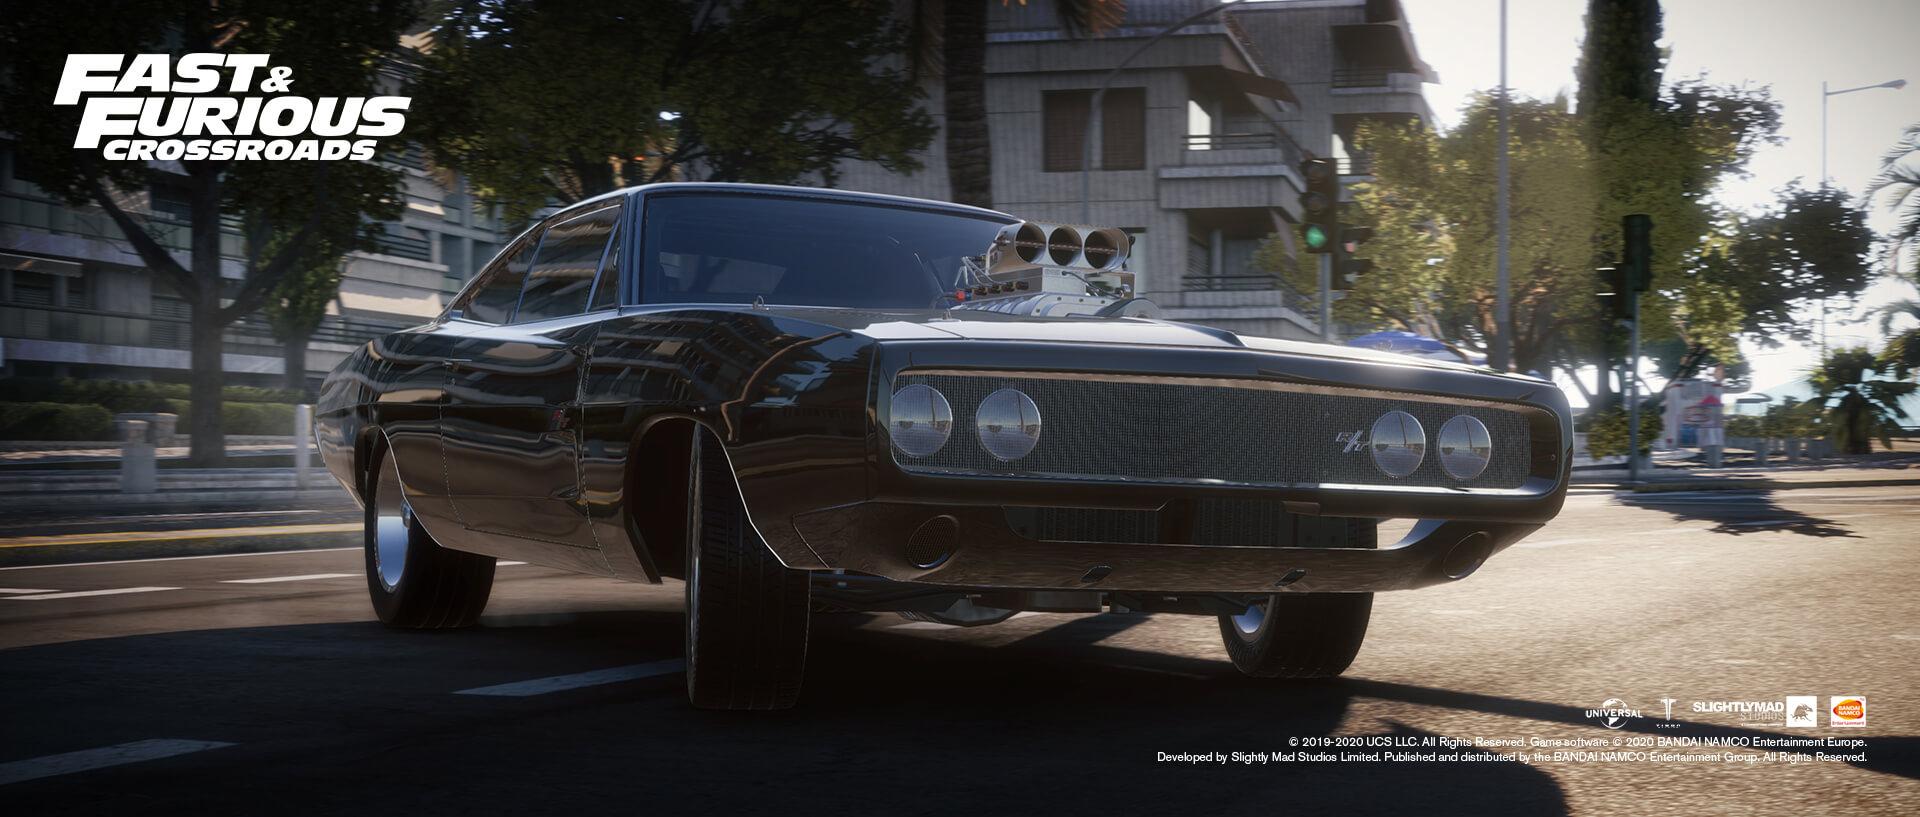 Несколько новых скриншотов для Fast & Furious Crossroads